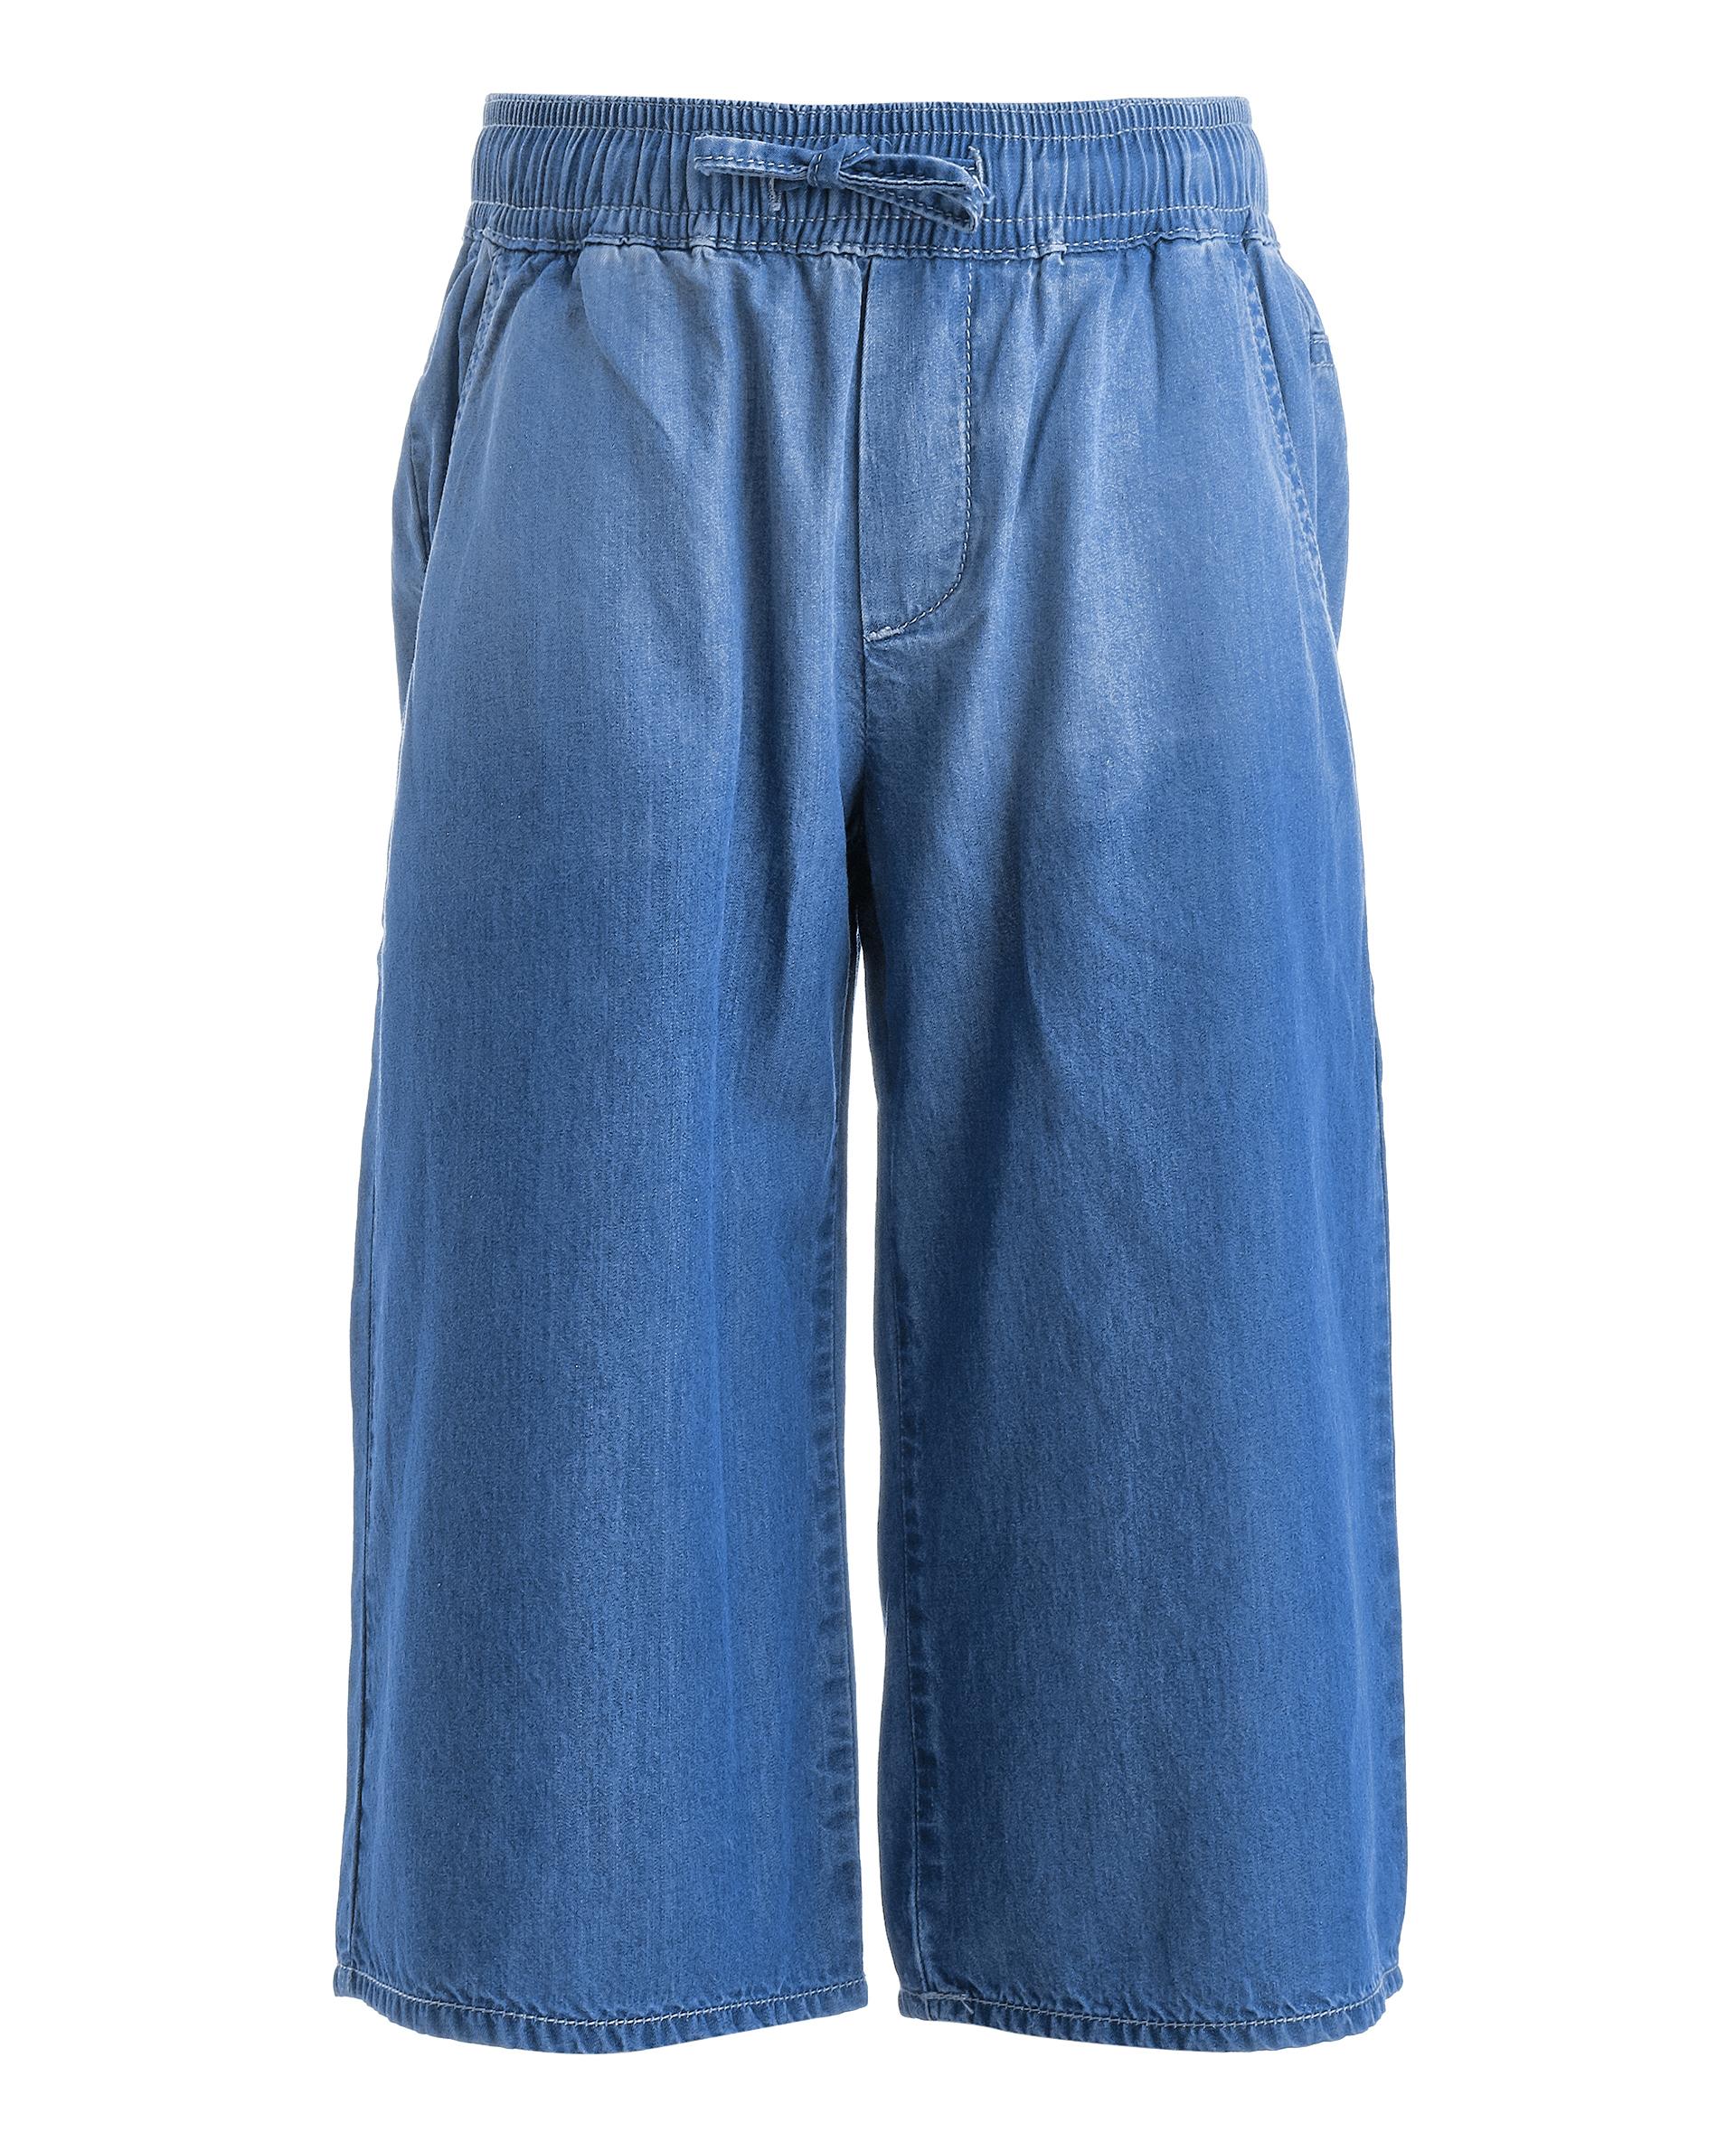 Купить 11901GMC6307, Голубые джинсы-кюлоты Gulliver, голубой, 104, Женский, ВЕСНА/ЛЕТО 2019 (shop: GulliverMarket Gulliver Market)